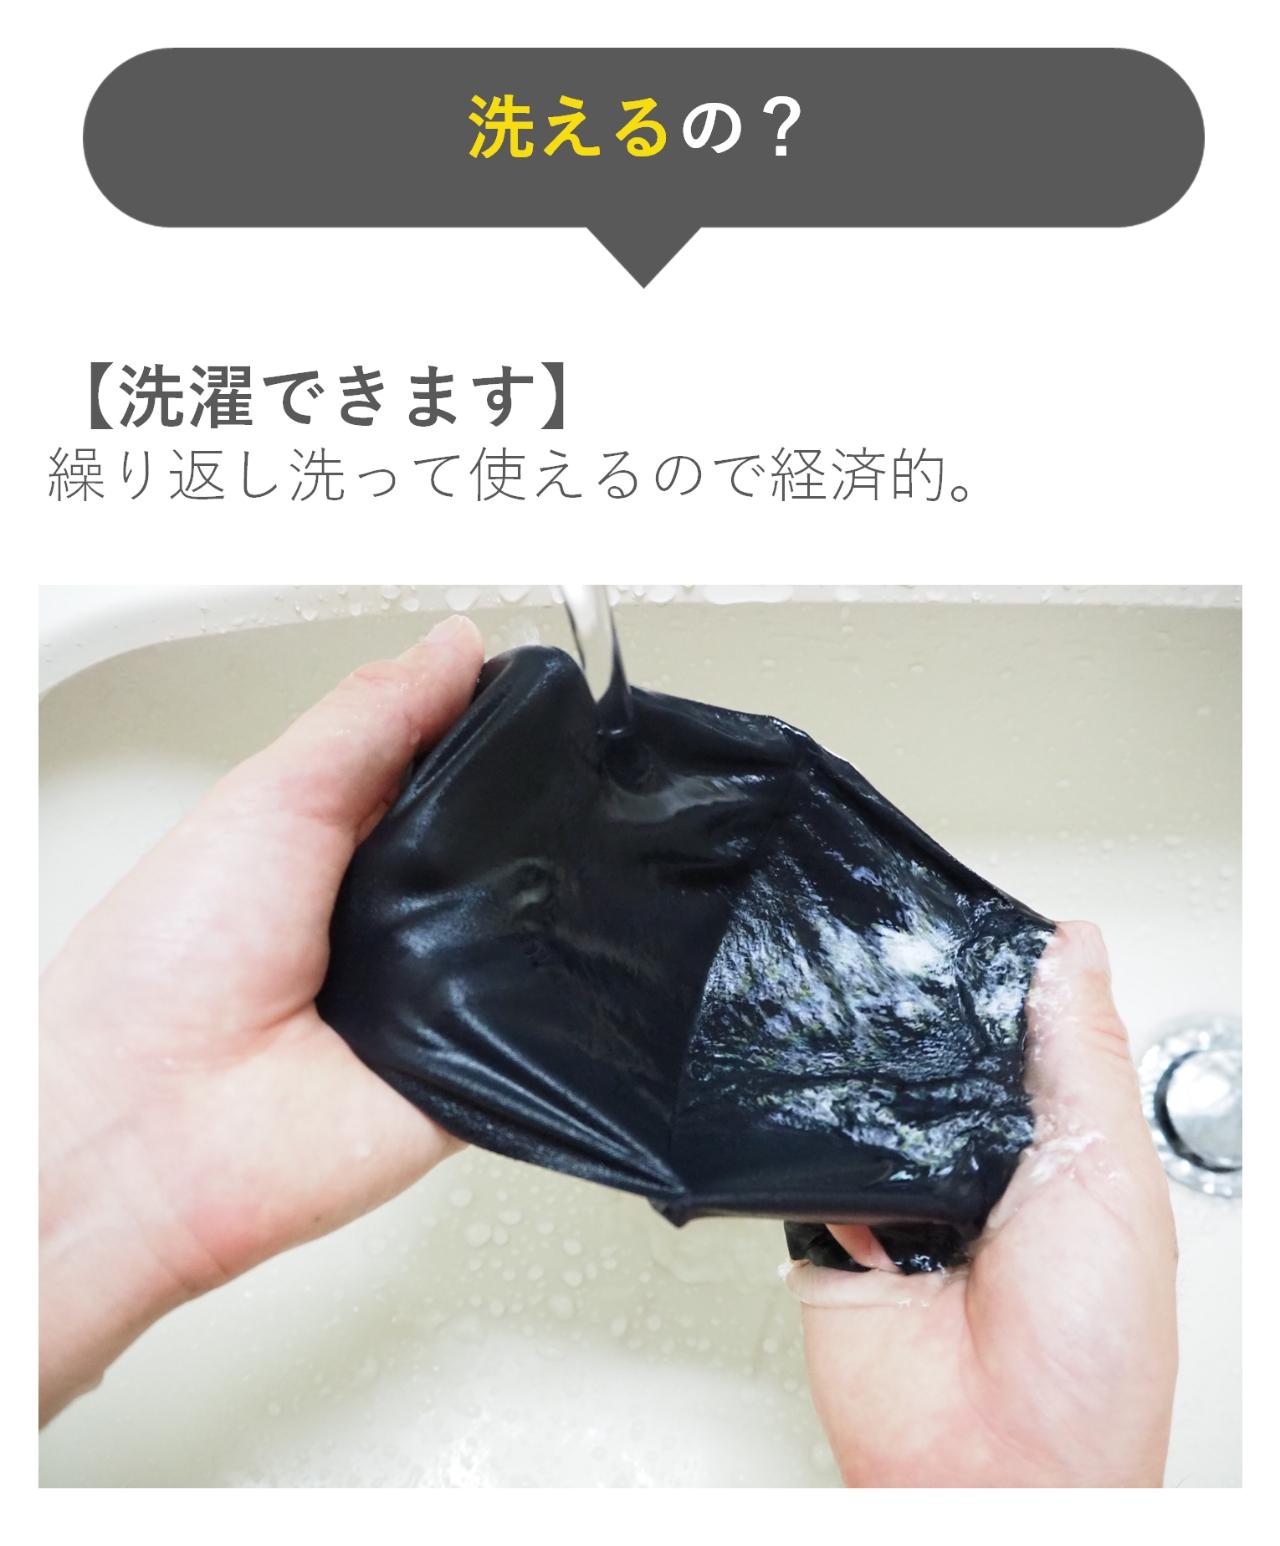 洗えるの?【洗濯できます】 繰り返し洗って使えるので経済的。